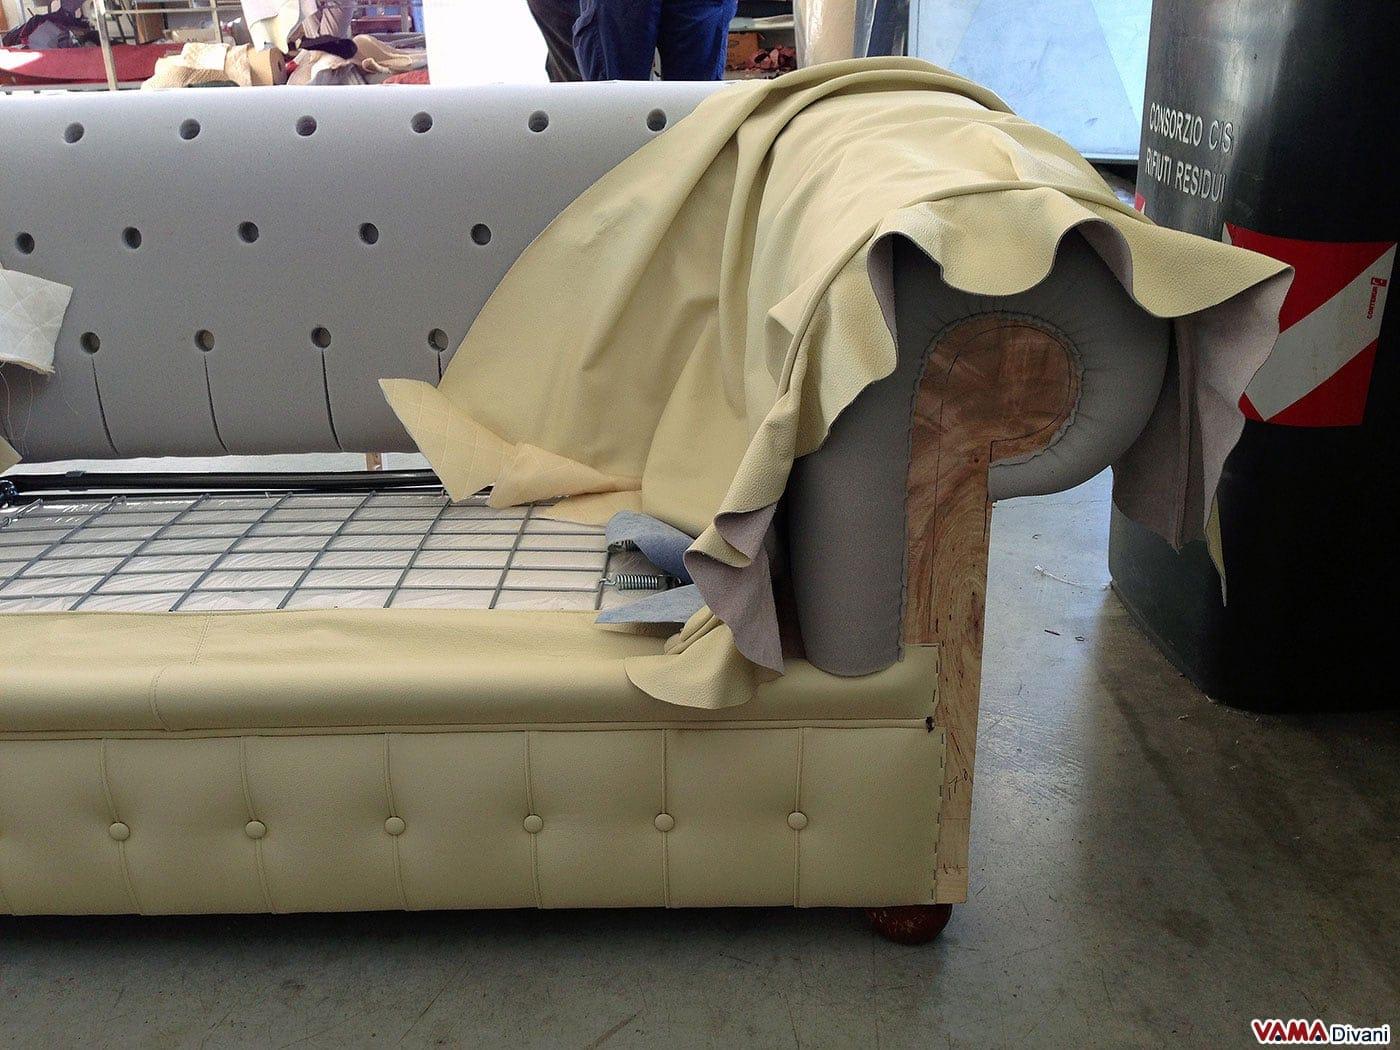 7 motivi per acquistare un divano chesterfield di vama divani - Pelle del divano rovinata ...